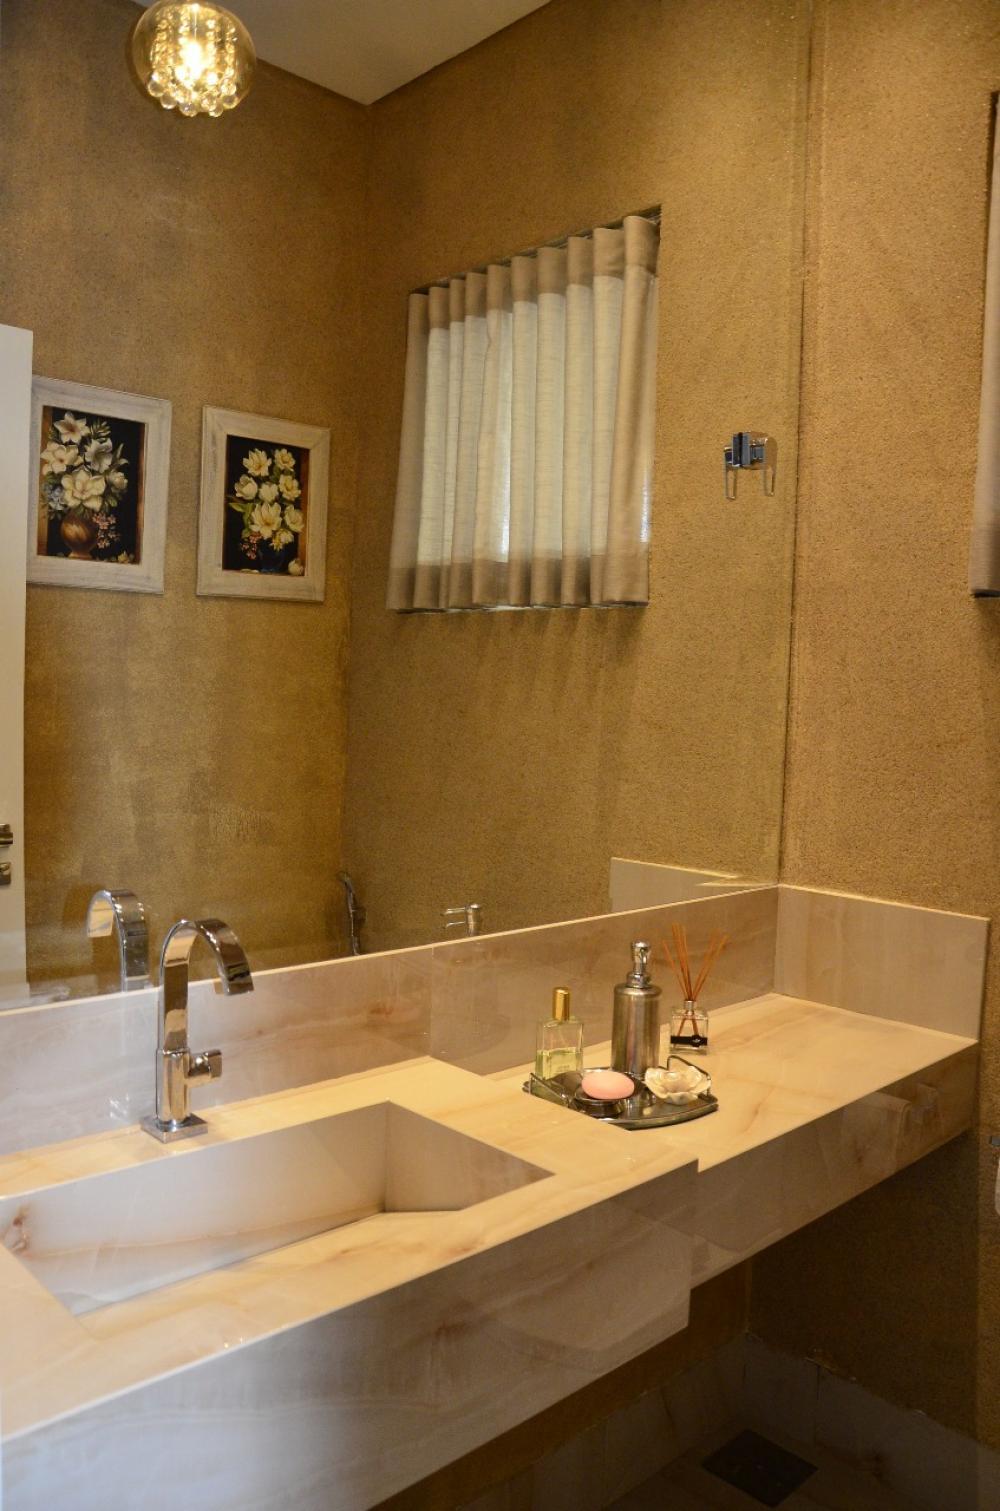 Comprar Casa / Condomínio em São José do Rio Preto apenas R$ 2.300.000,00 - Foto 16